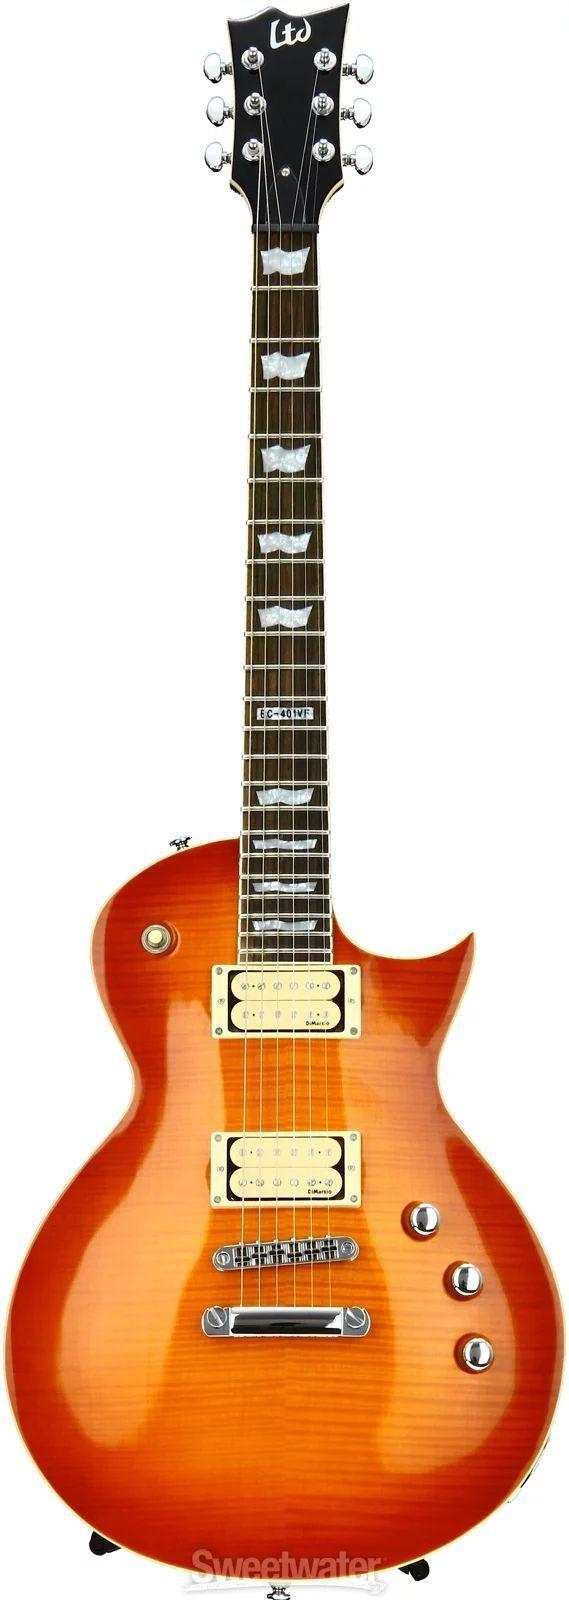 Guitarra ESP LTD EC401 Dimarzio Sunburst